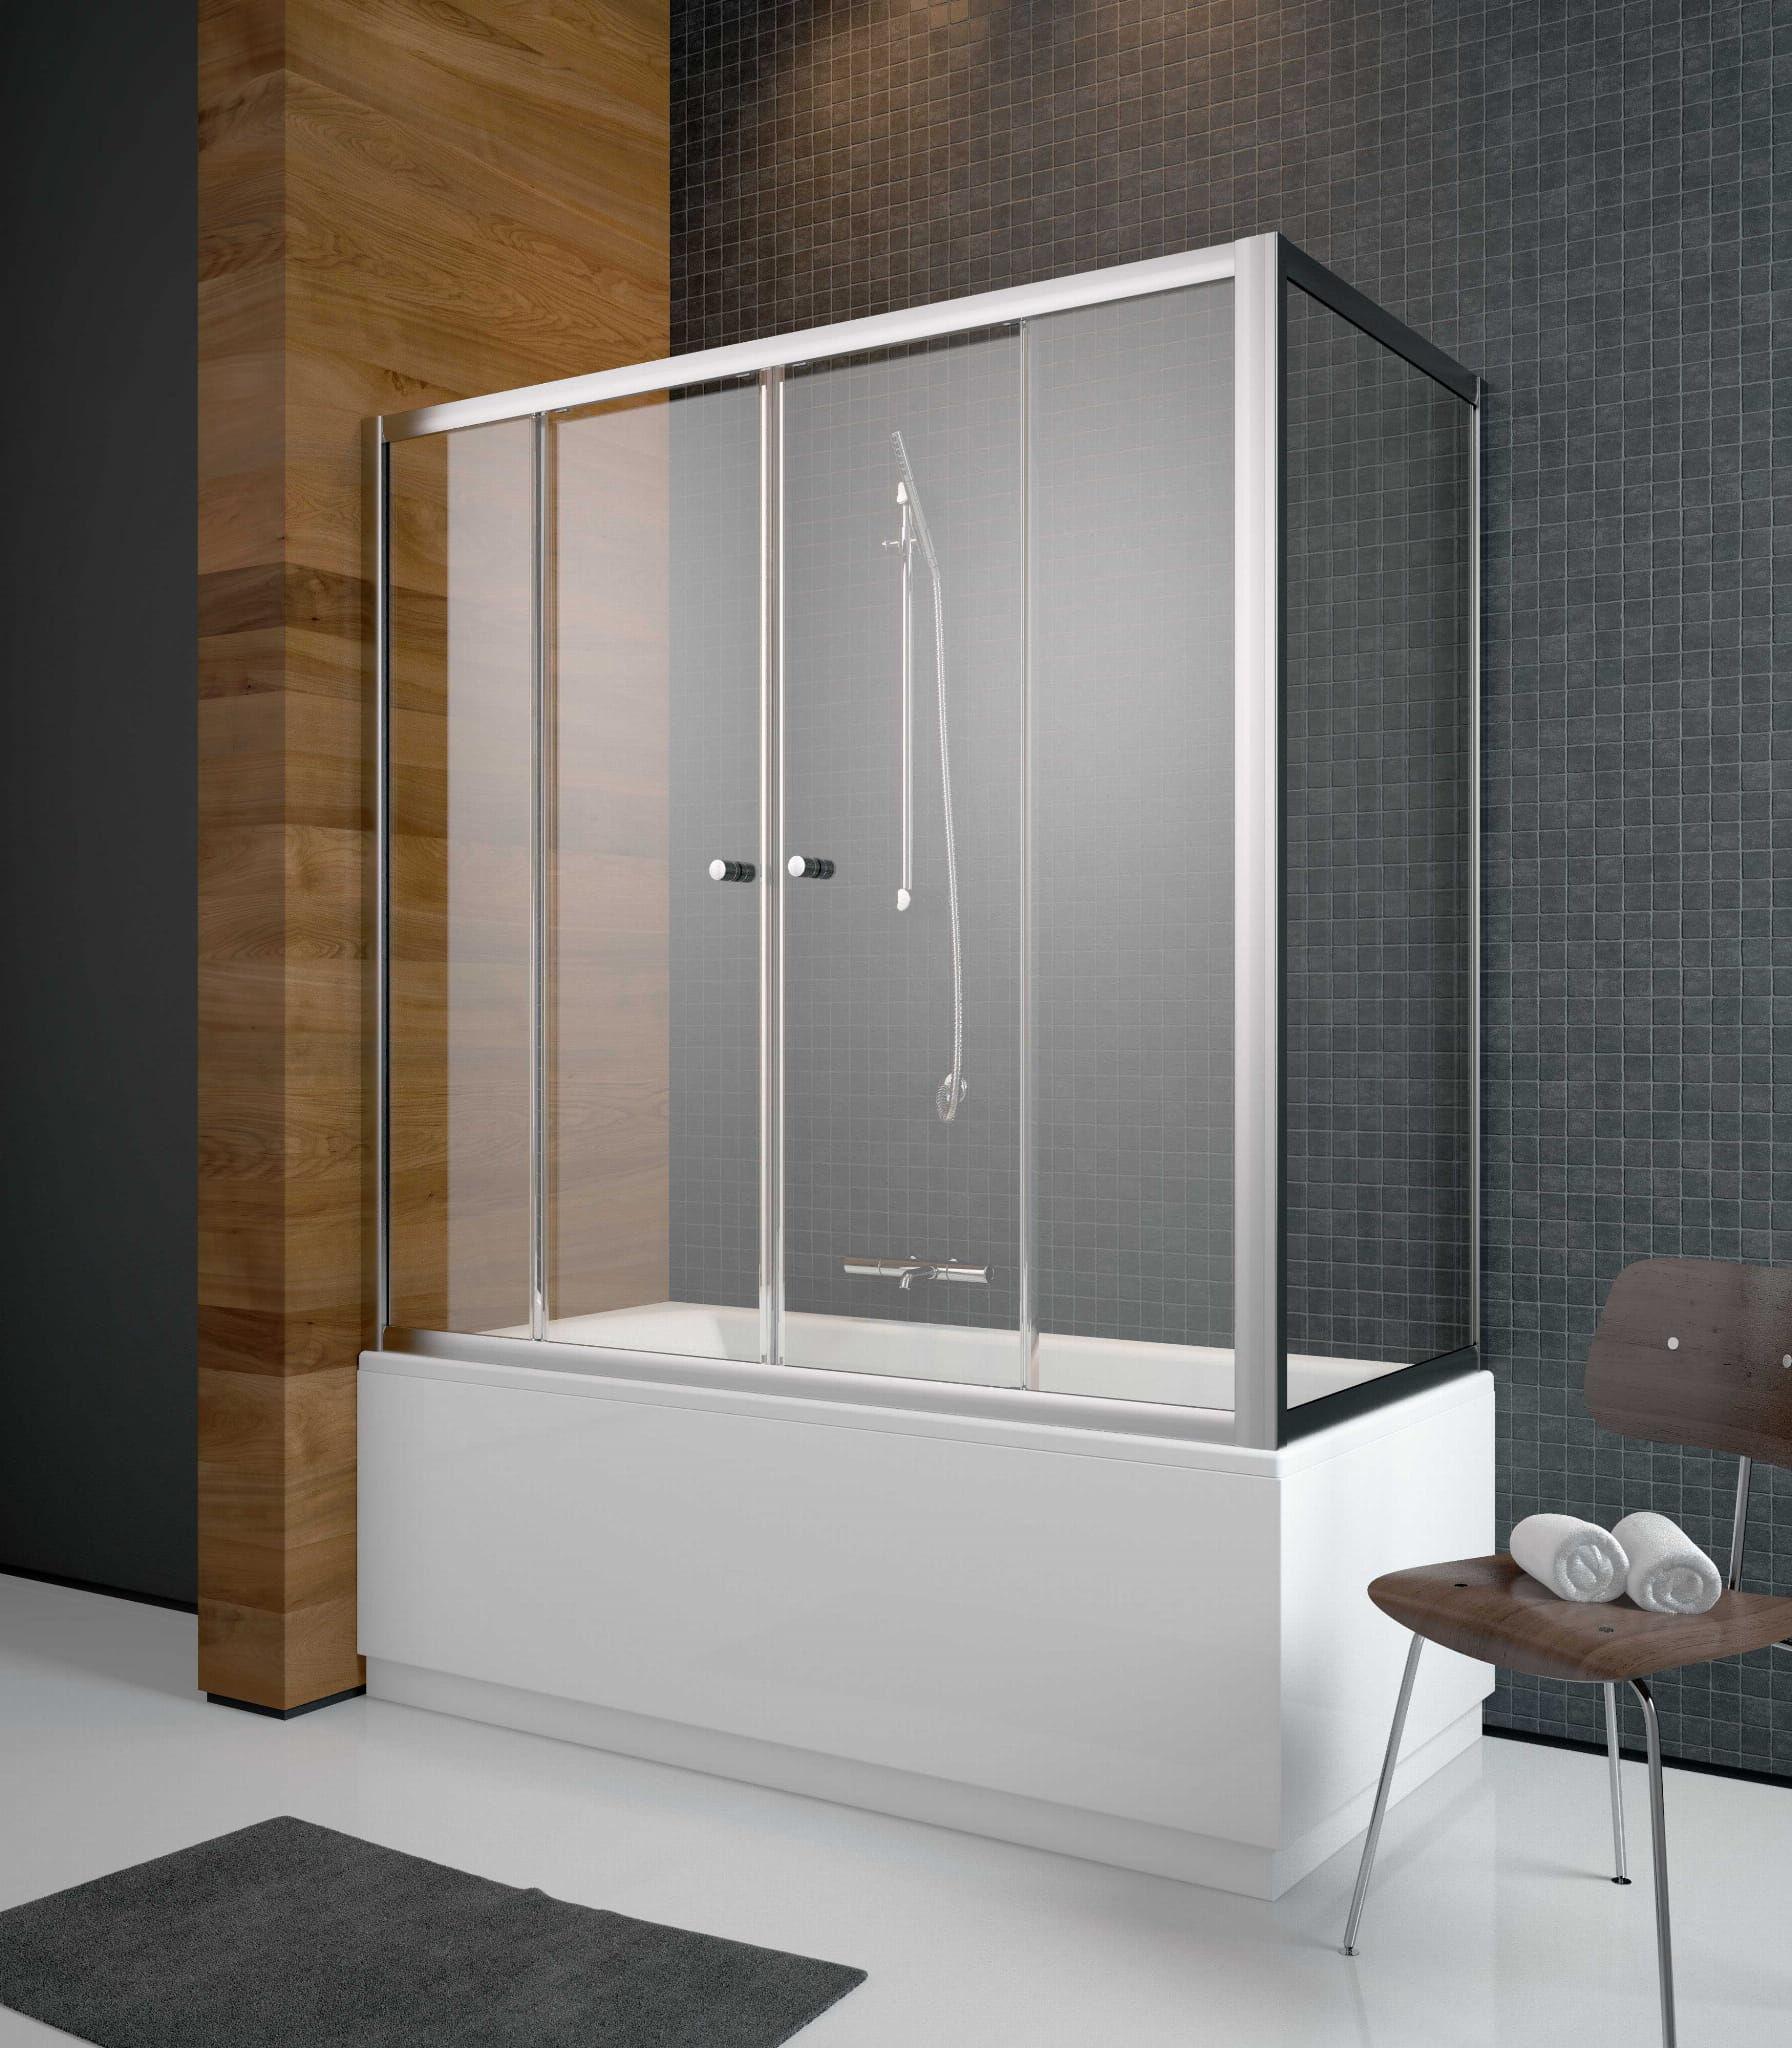 Radaway zabudowa nawannowa Vesta DWD+S 150 x 70, szkło przejrzyste, wys. 150 cm 203150-01/204070-01